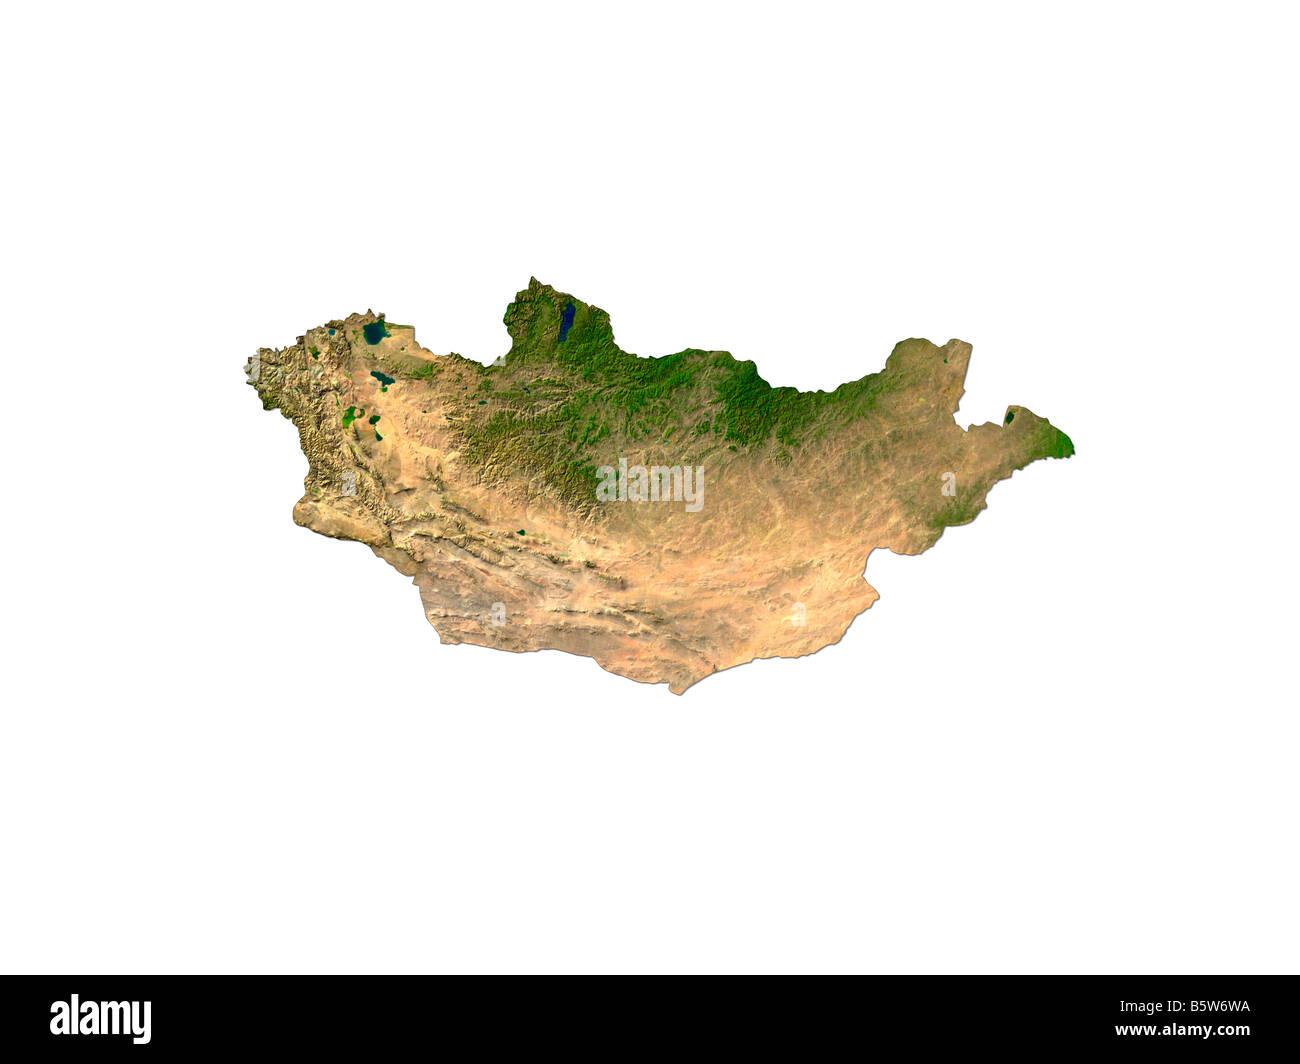 Satellite Image Of Mongolia Isolated On White Background - Stock Image